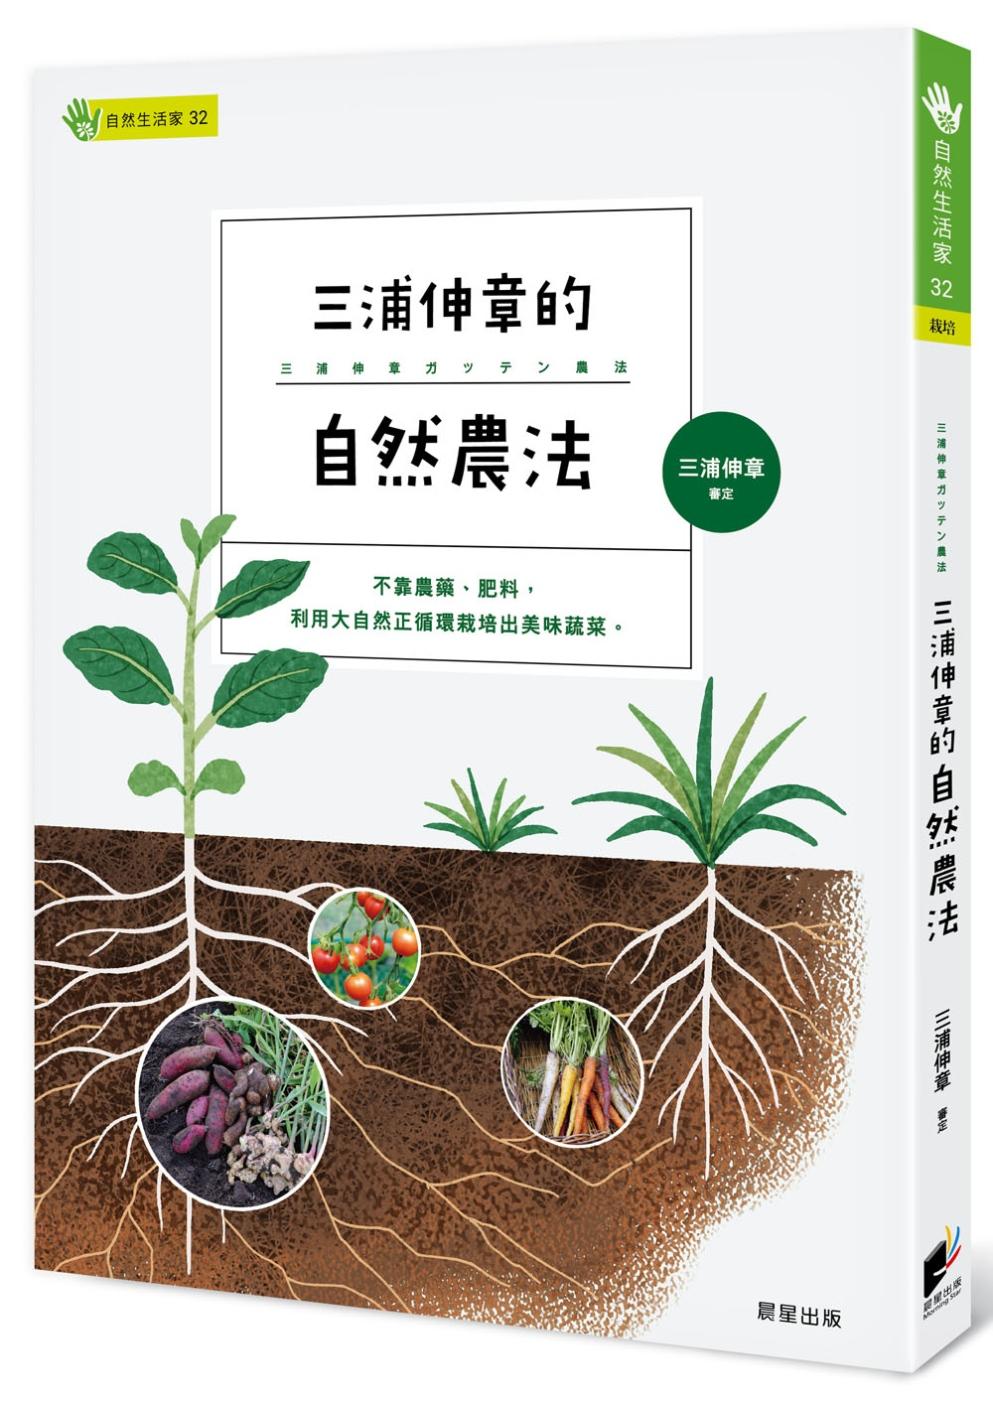 《三浦伸章的自然農法》 商品條碼,ISBN:9789864433803